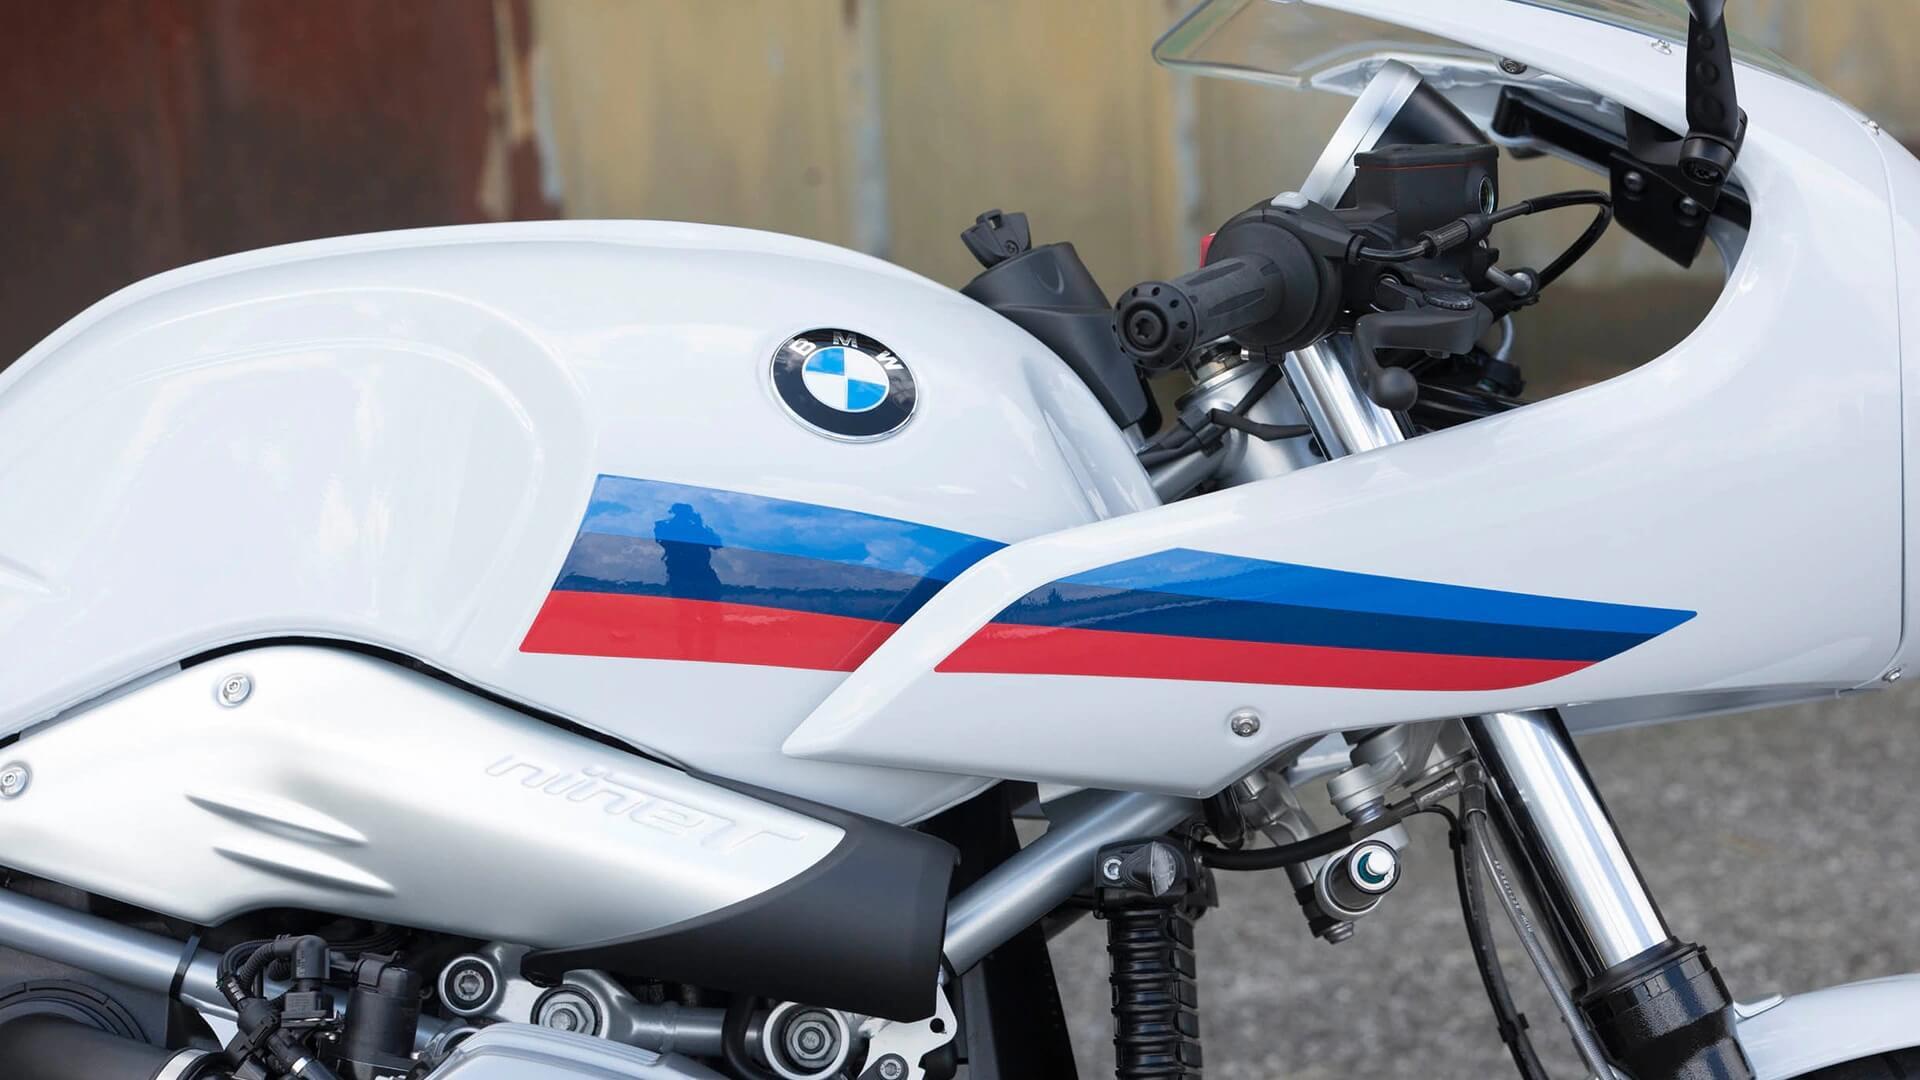 Деталі у кольорах спортивного відділу BMW Motorrad.